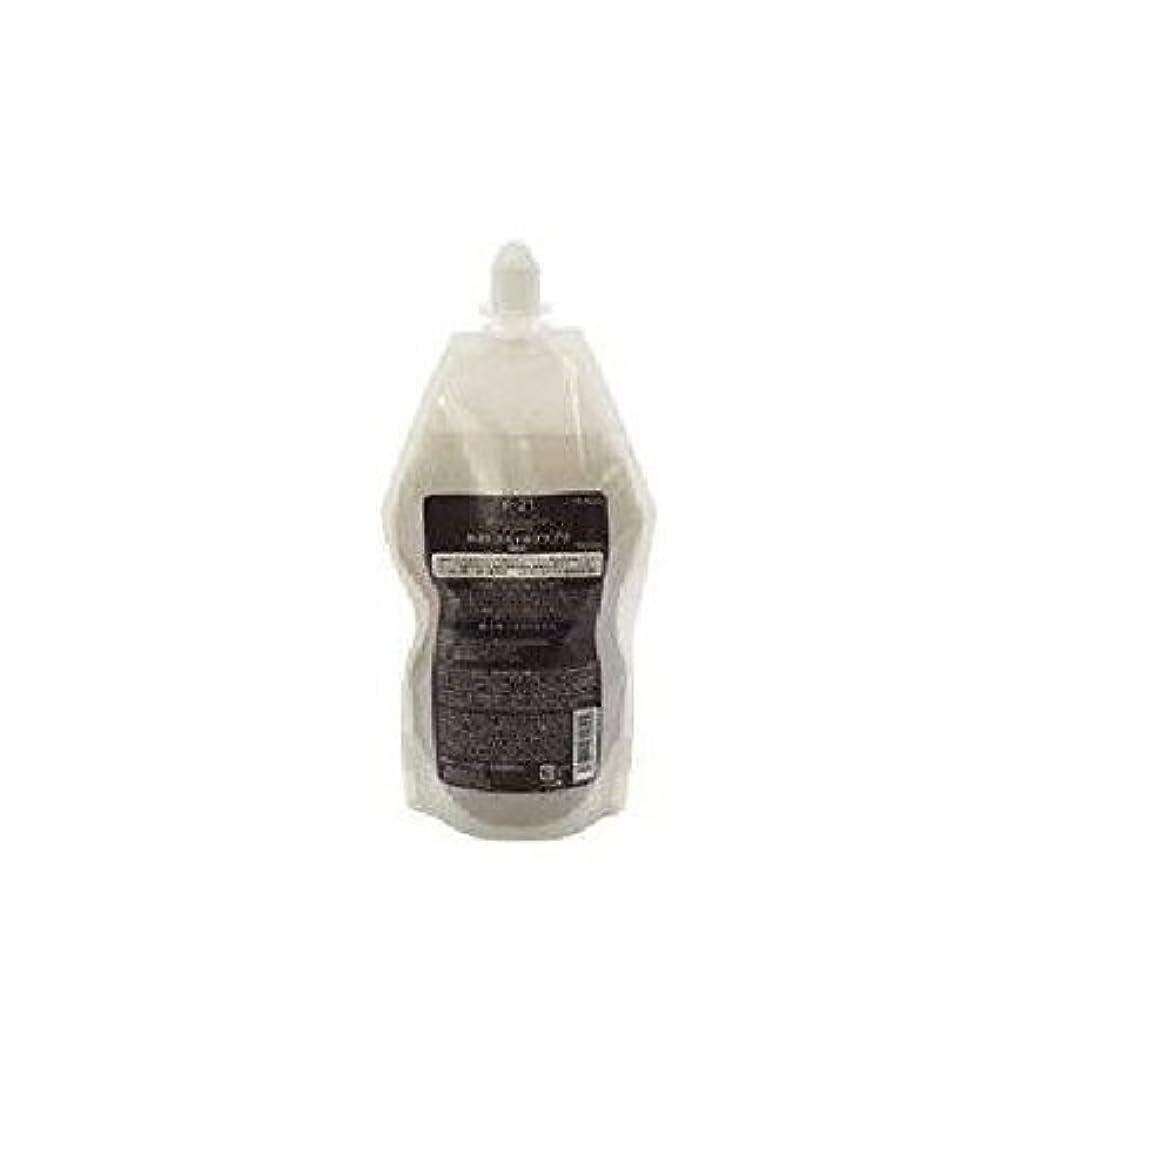 レンジスケルトンあたりサンコール R-21 スキャルプサプリ HE 400ml (詰替用)